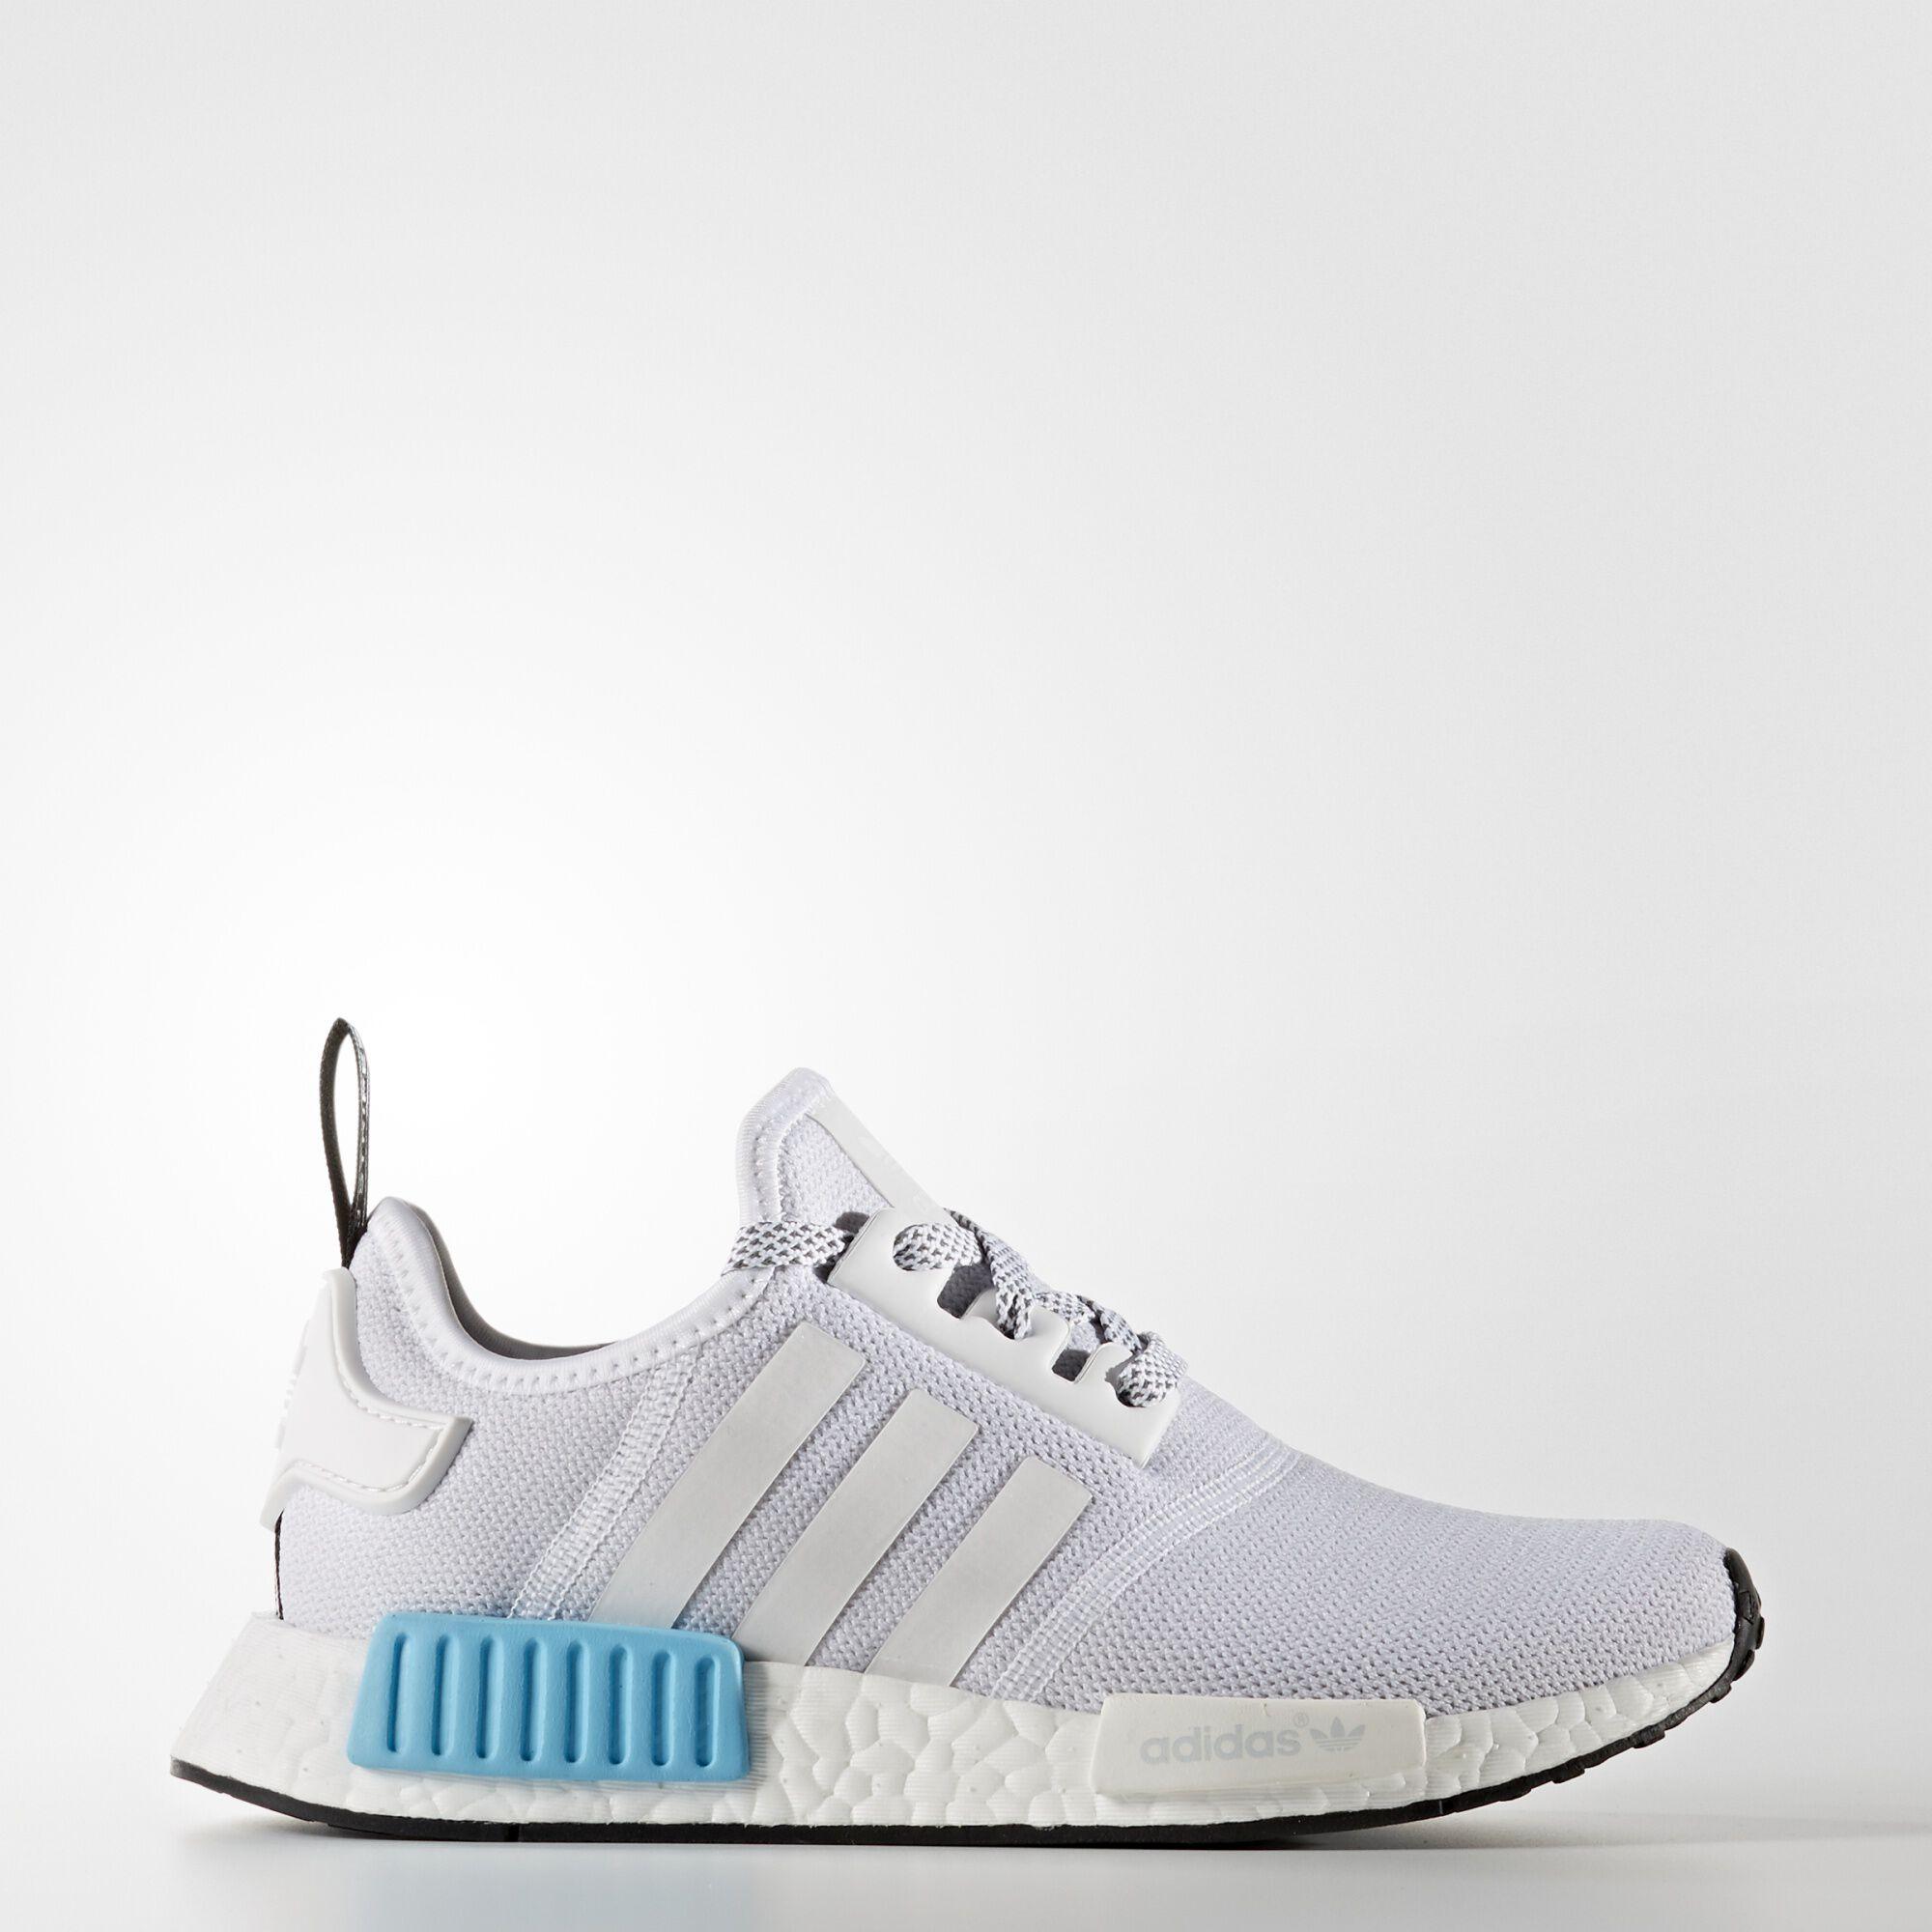 adidas nmd xr1 azzurre